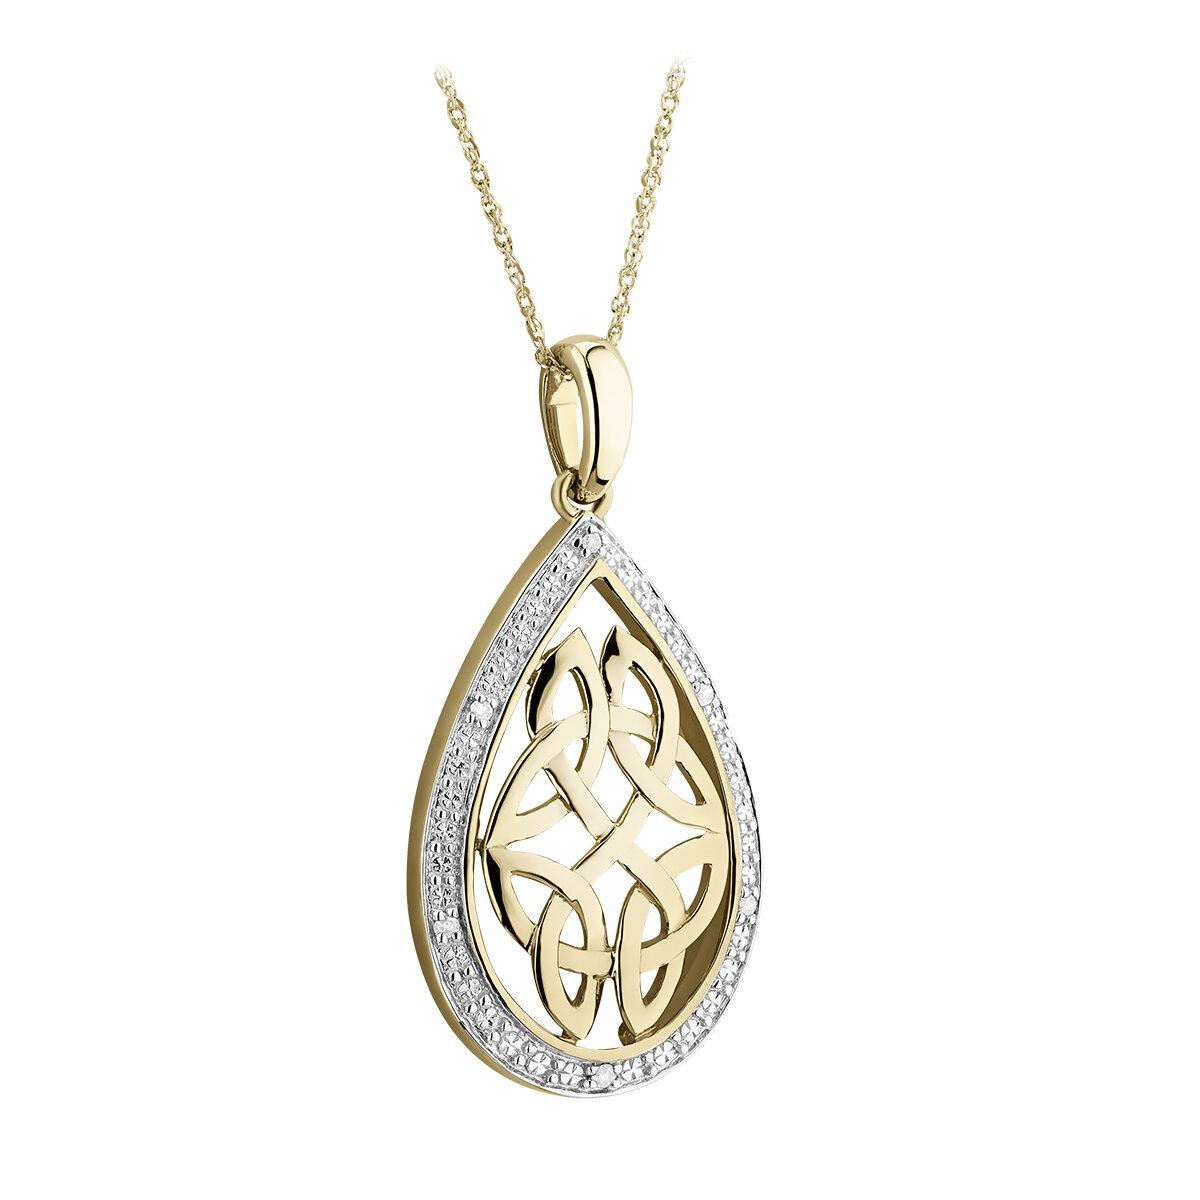 10k gold diamond celtic knot pendant s46511 from Solvar